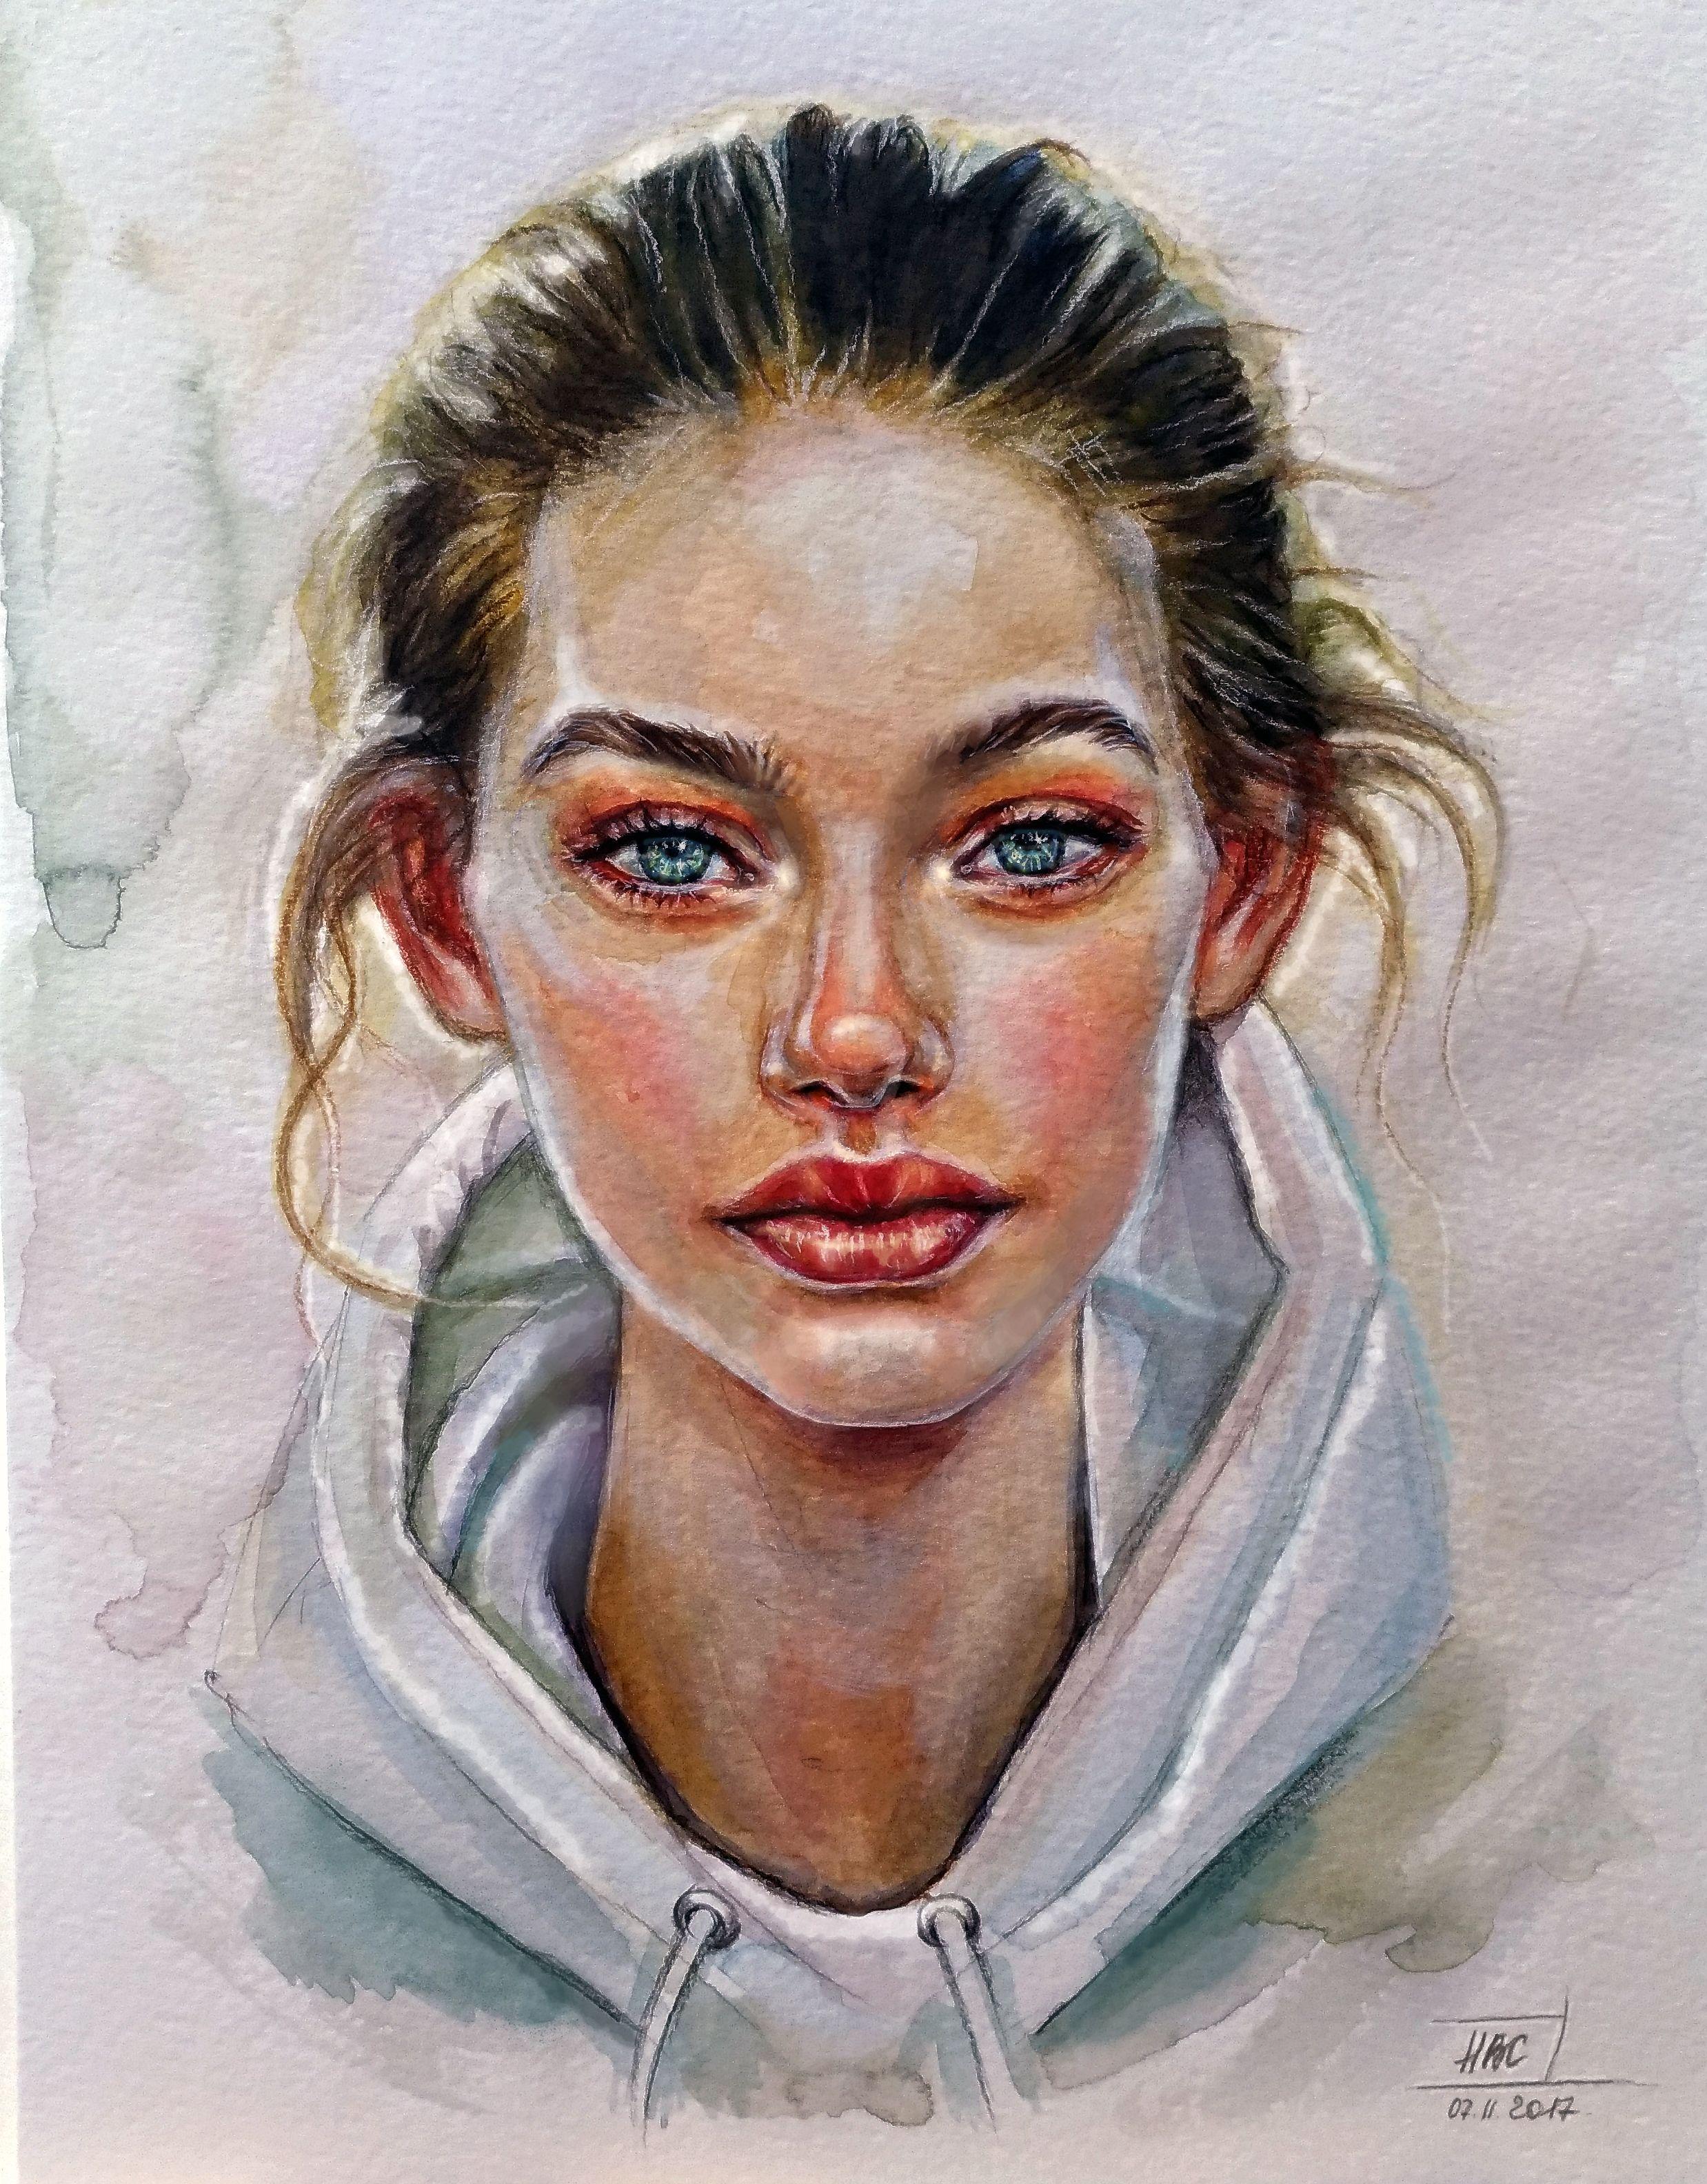 Нарисованные цветные картинки людей